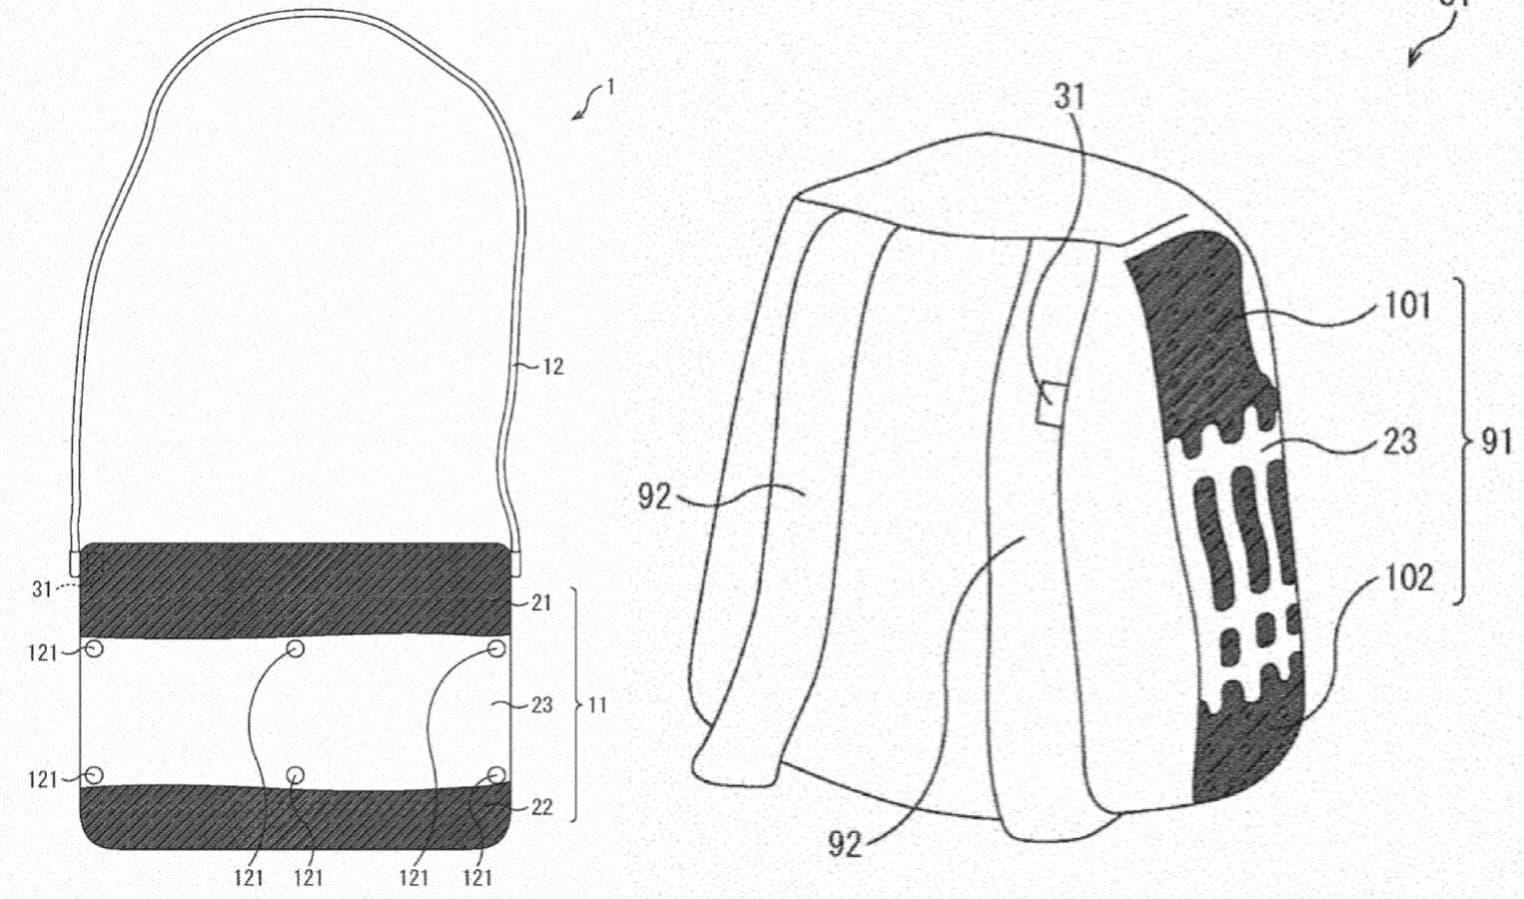 Sony Patent US20190088212